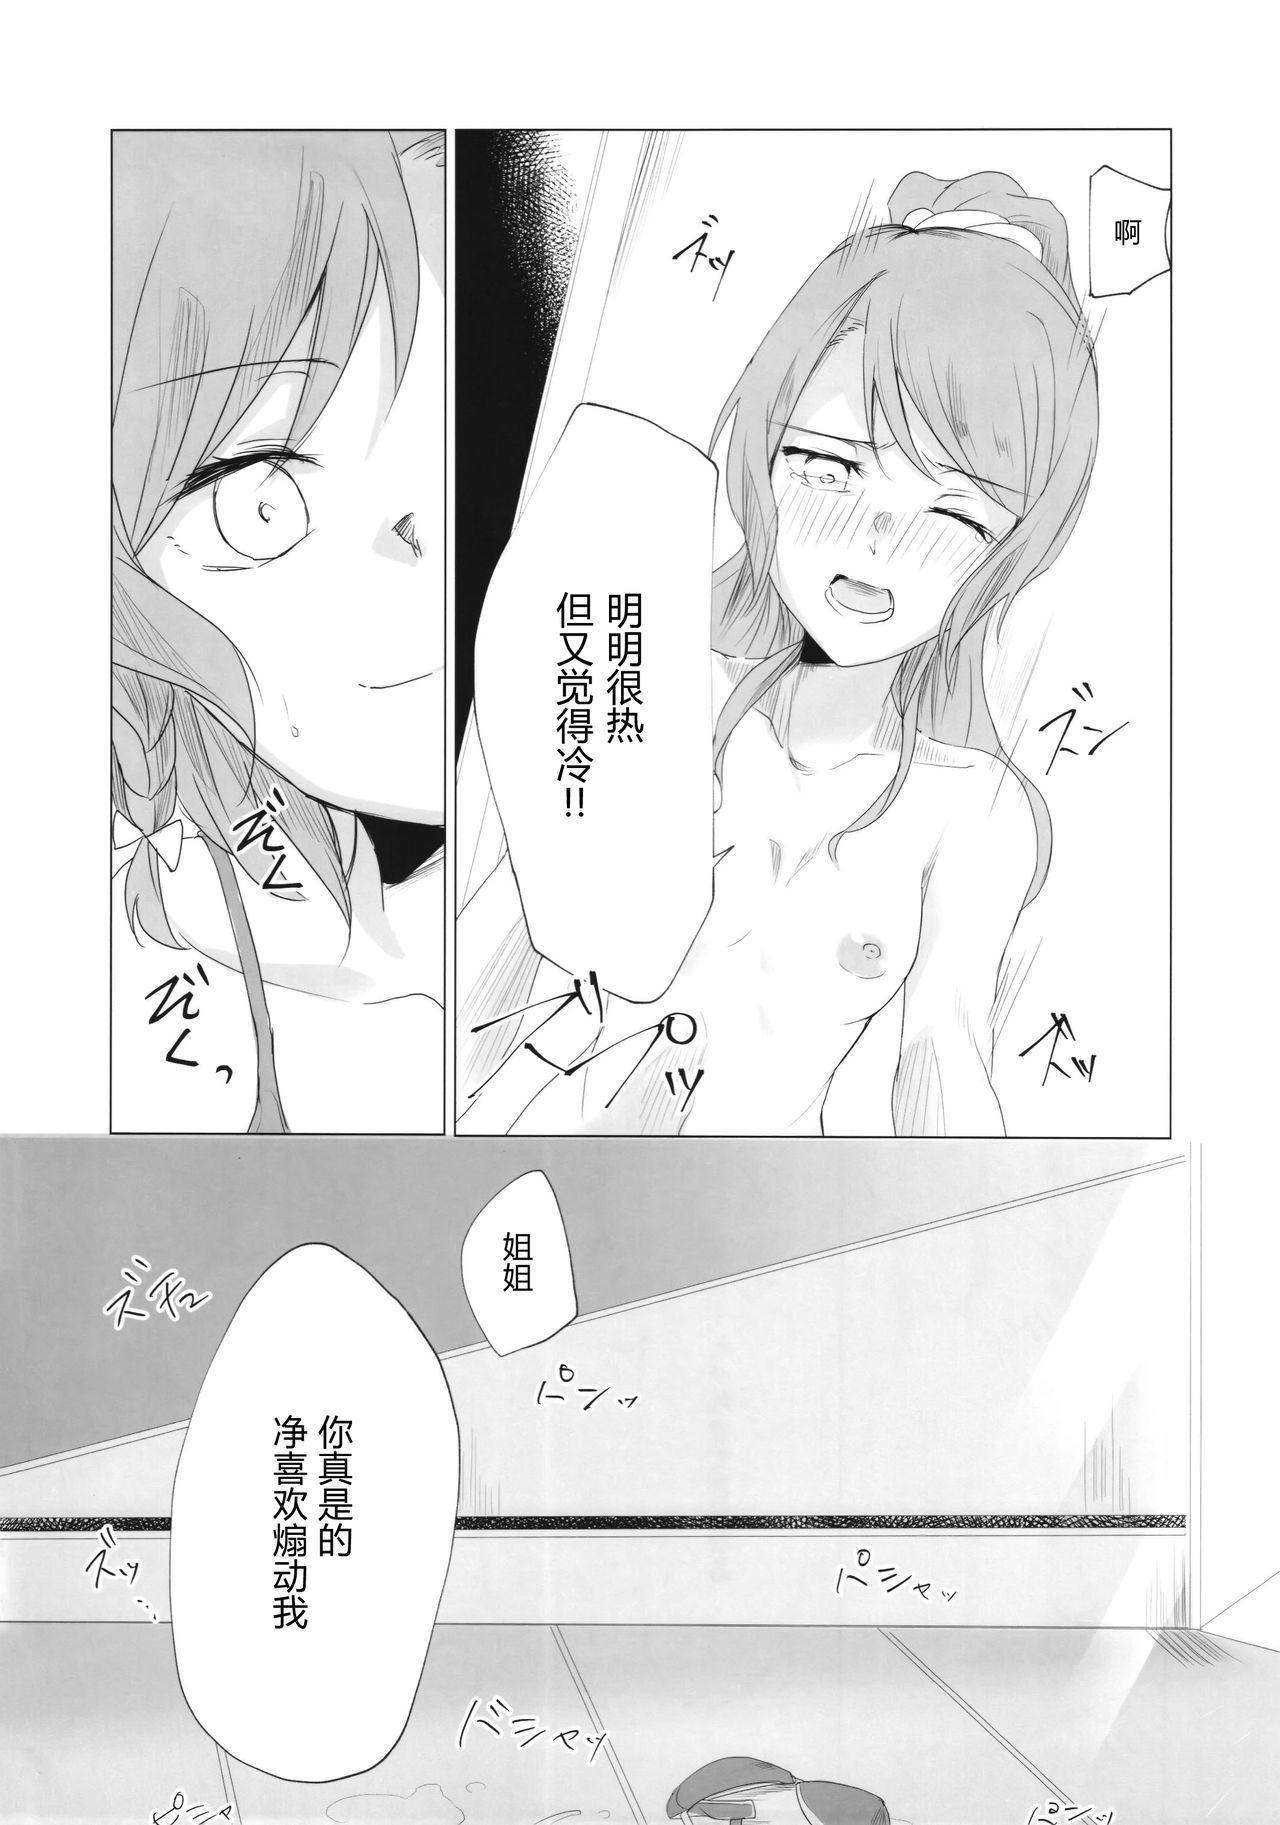 氷川姉妹18禁合同「今日は一緒に寝てもいい?」 45